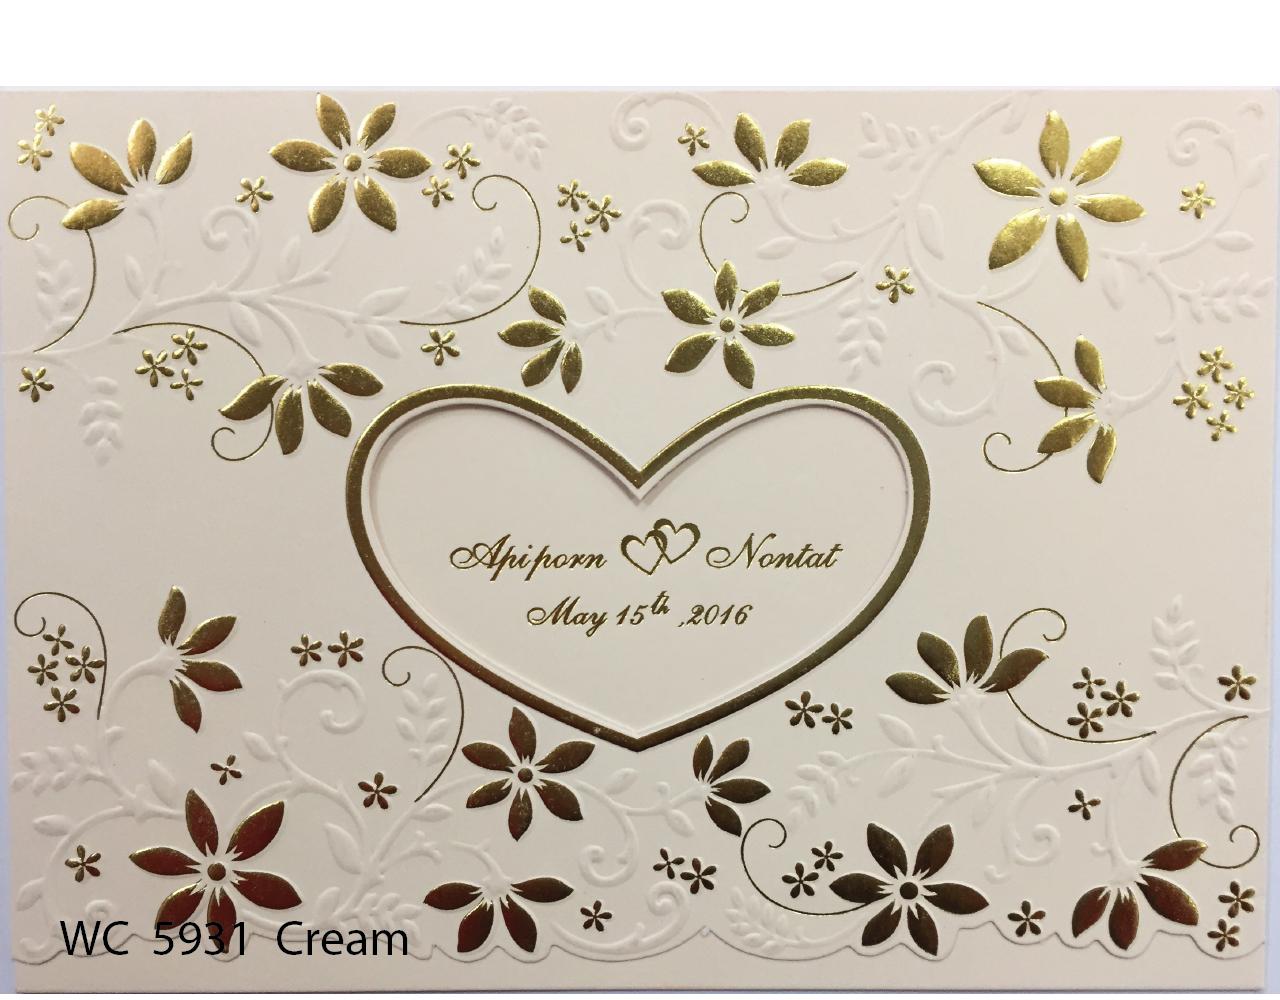 การ์ดแต่งงาน 7×5 inch WC 5931 Cream